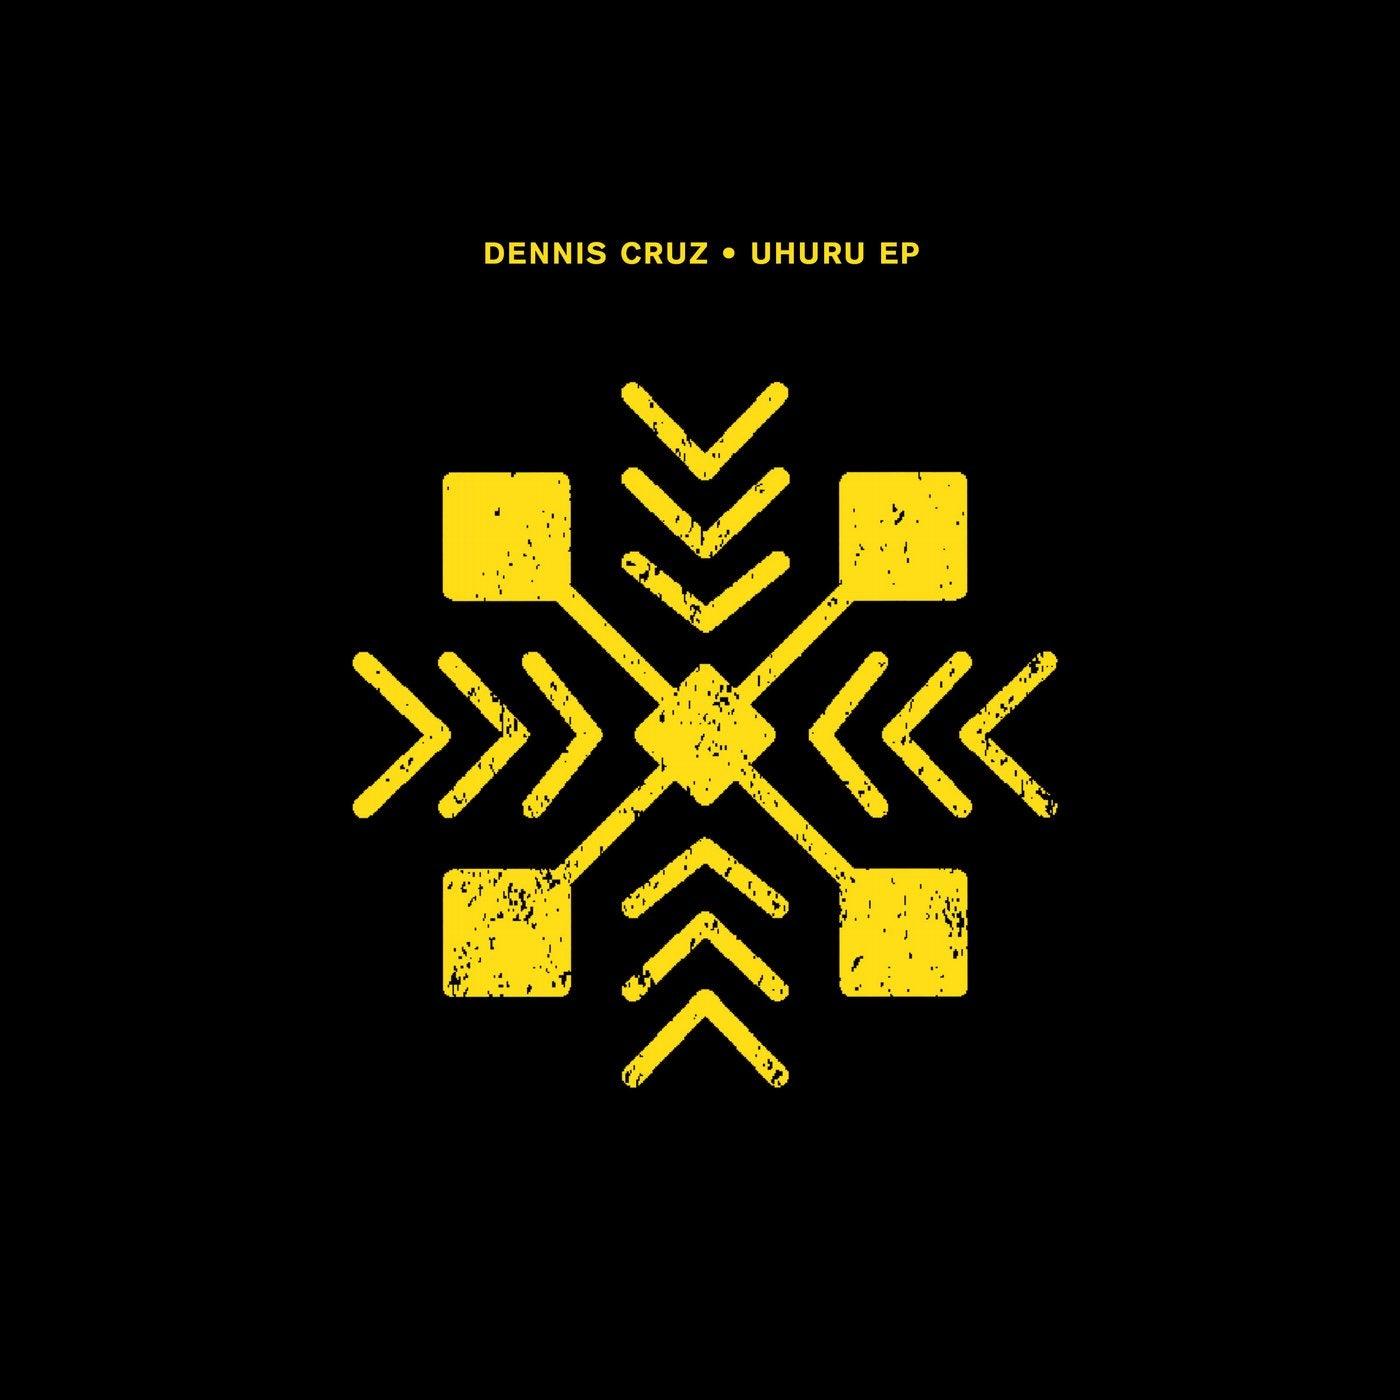 Uhuru (Original Mix)